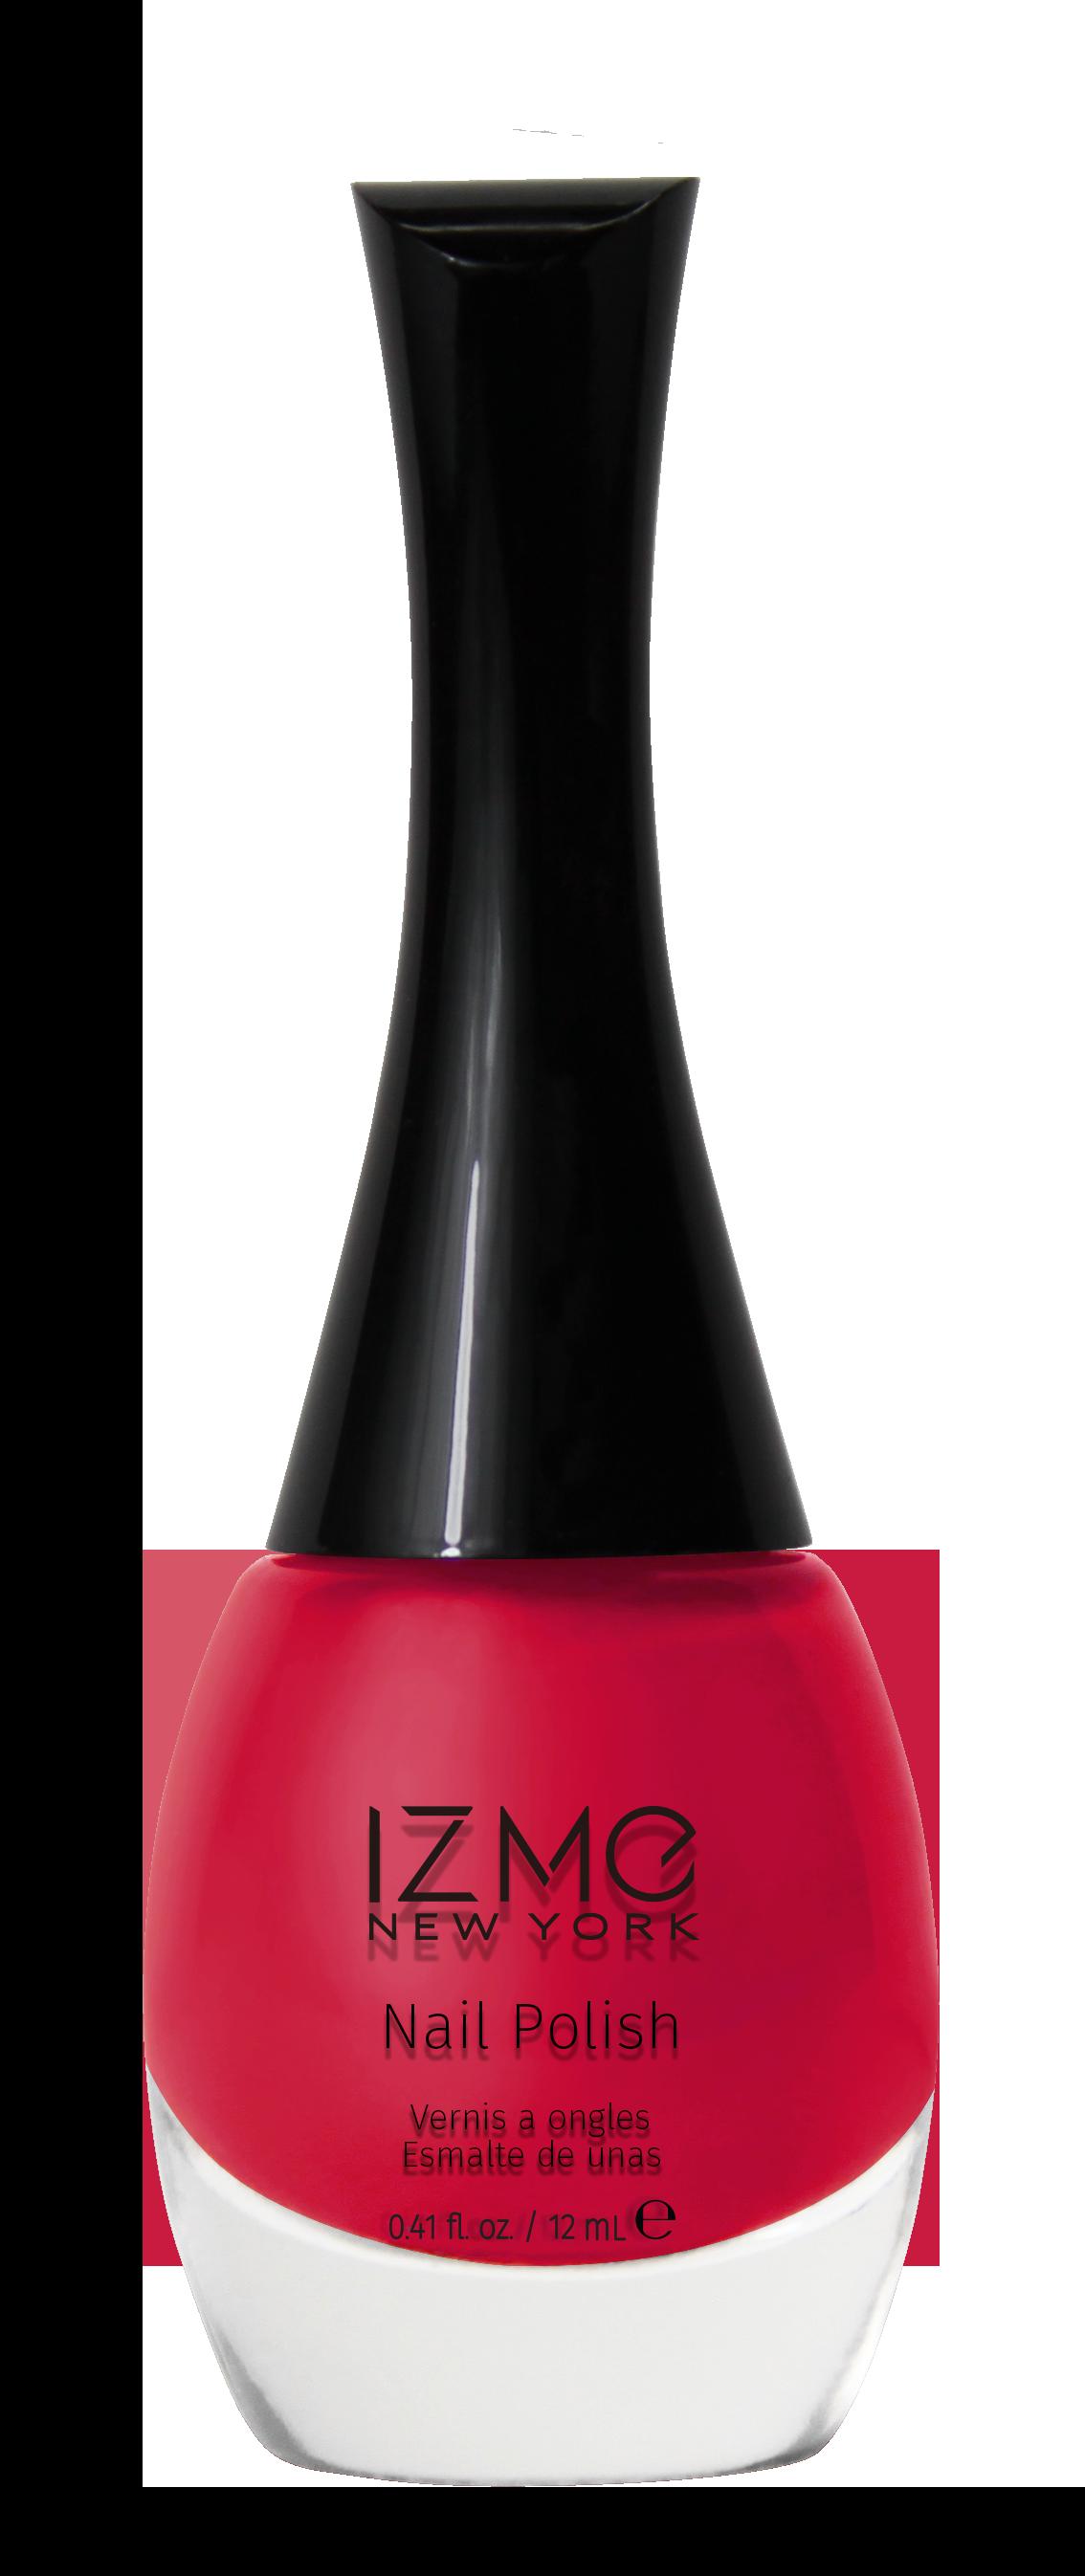 IZME New York Nail Polish – Vogue – 0.41 fl. Oz / 12 ml